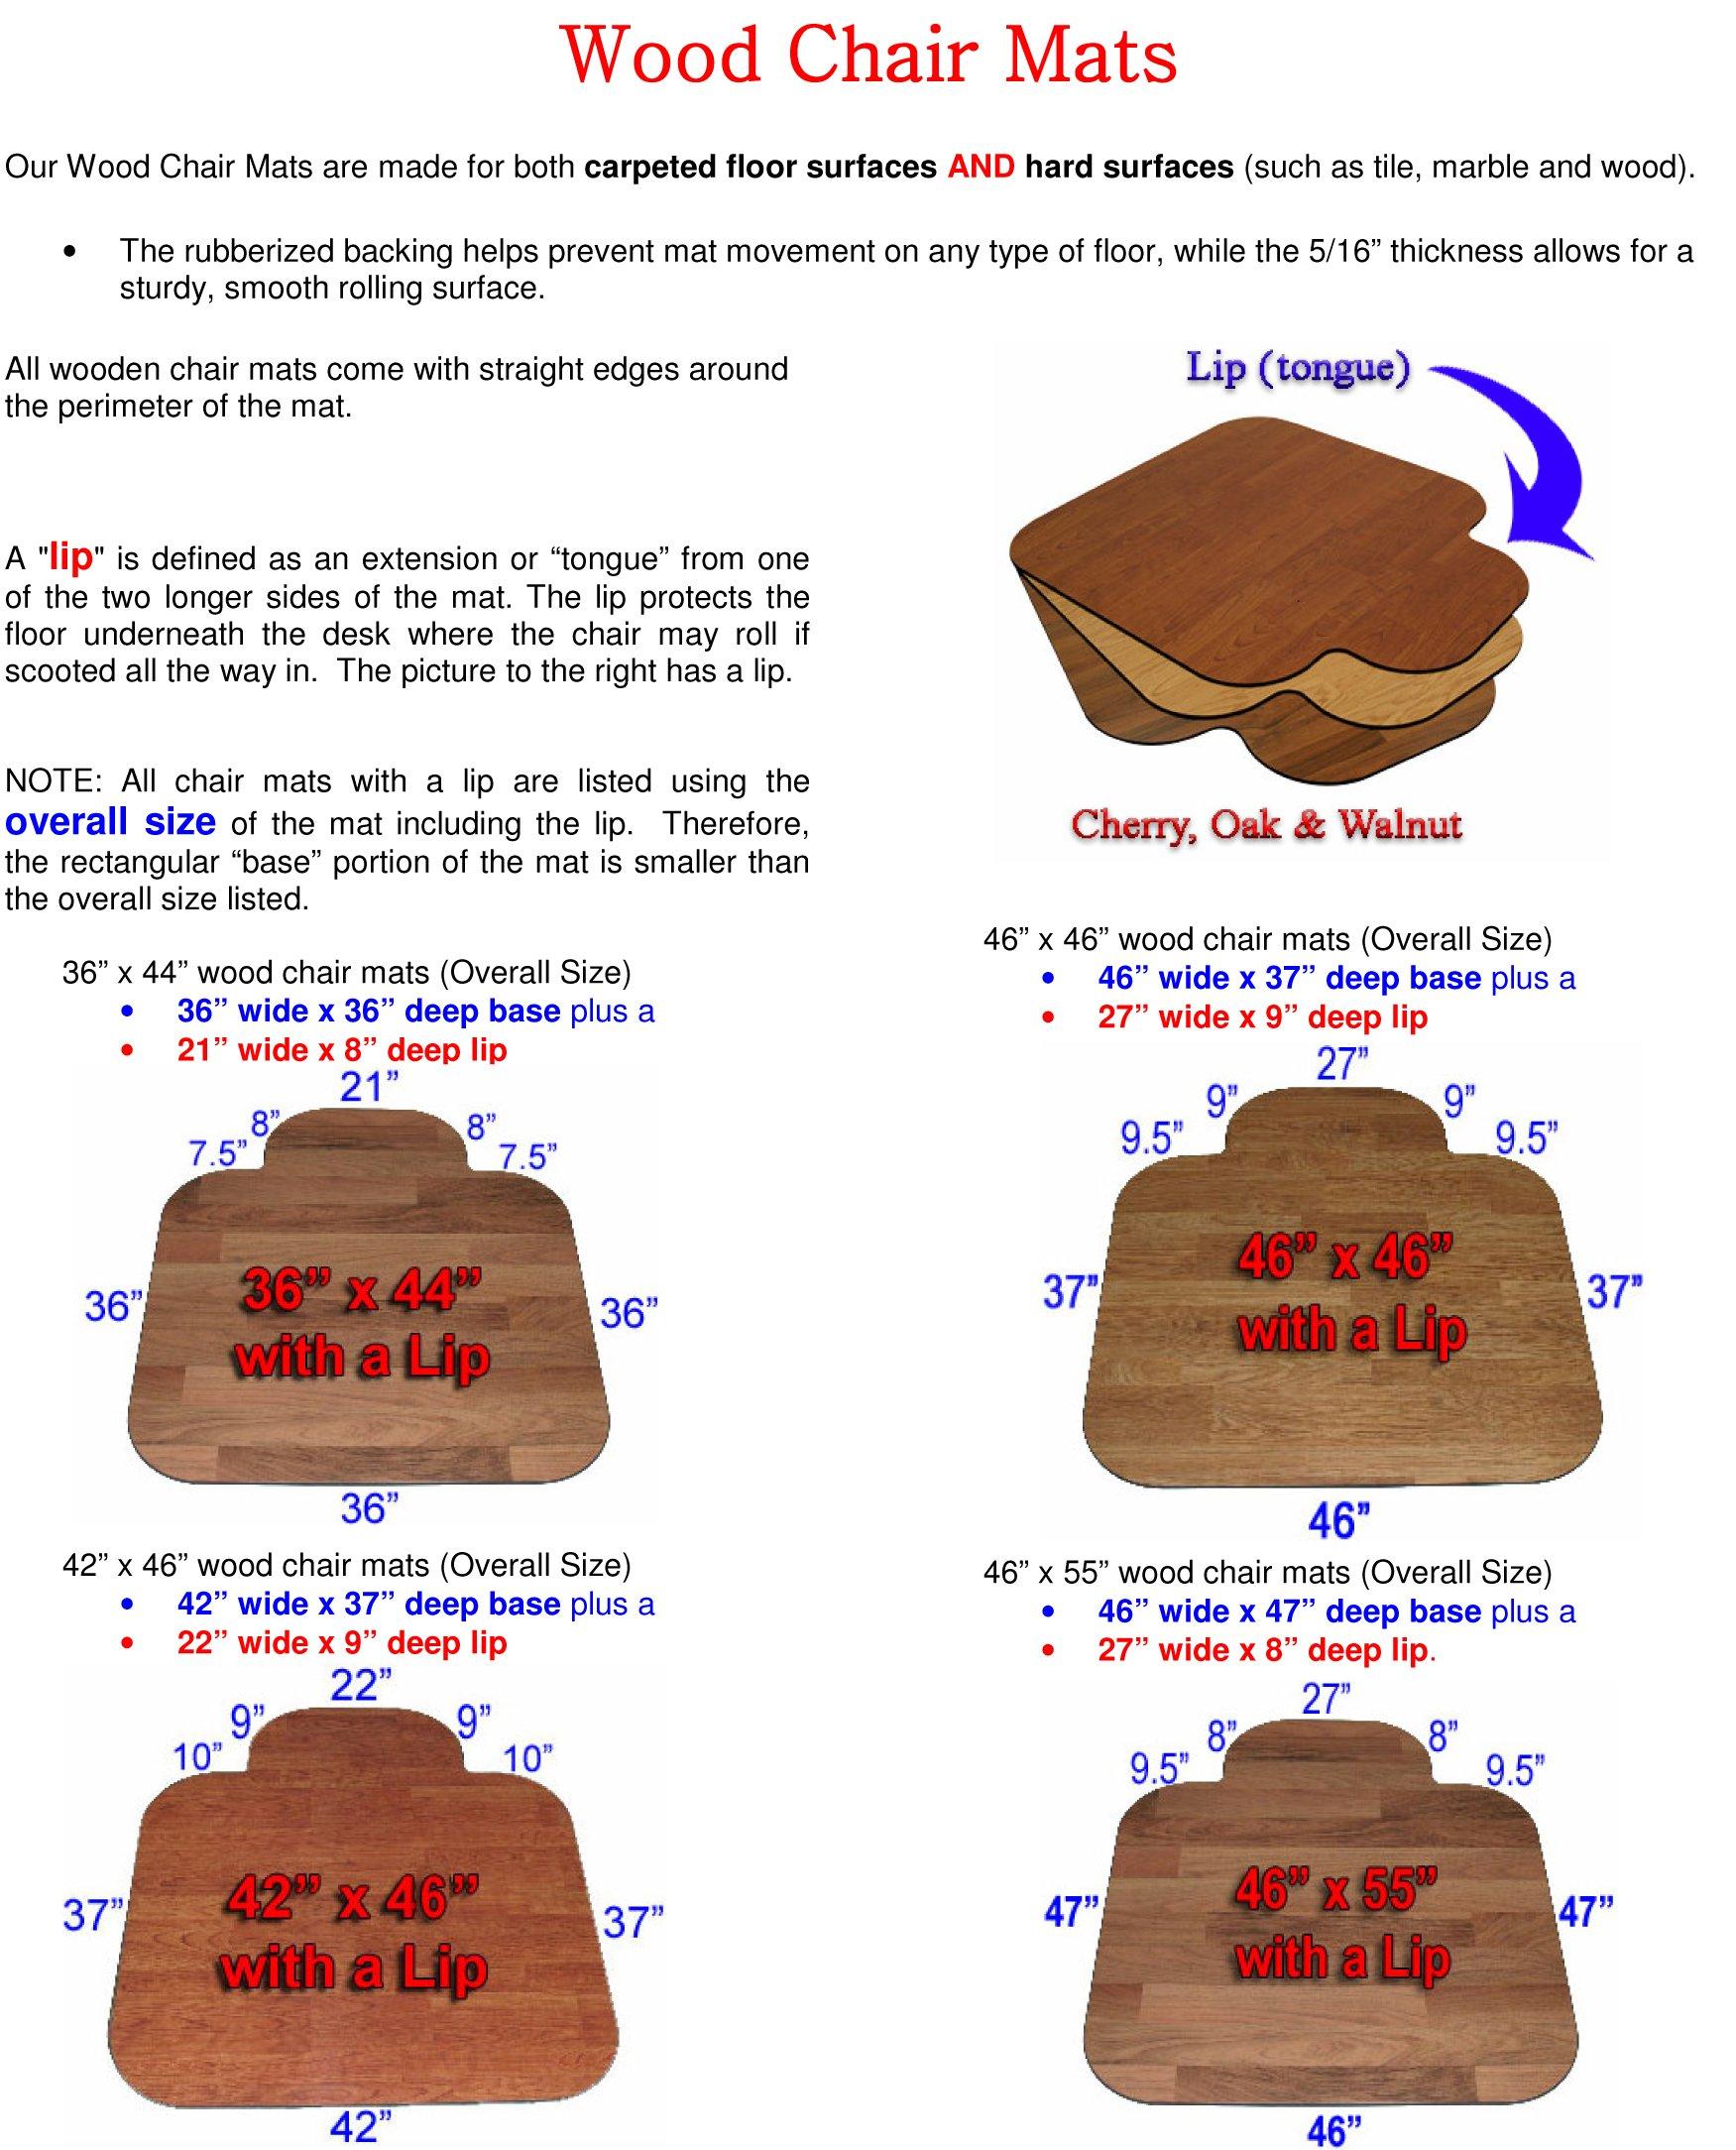 Premium Wood Walnut 36'' x 44'' - Lip 3/8'' Thick Chair Mats